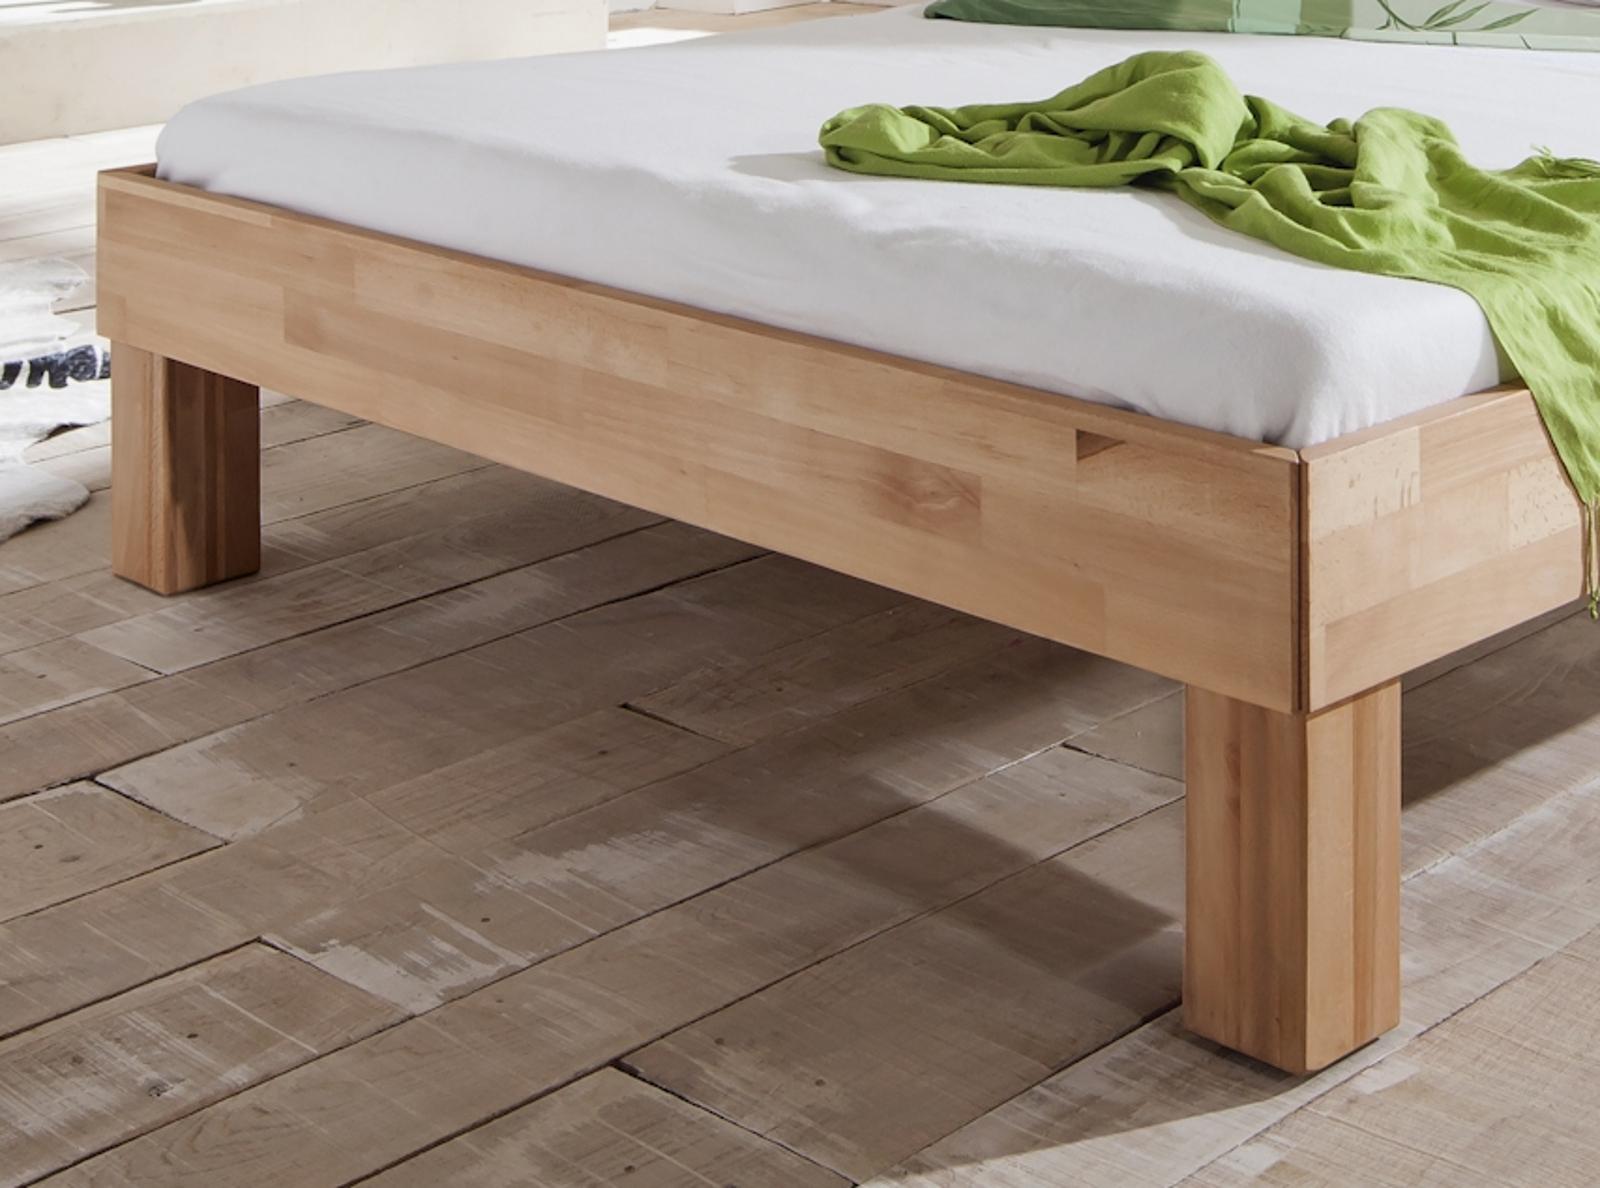 futonbett kleopatra liegefl che 140 x 200 cm massivholz ge lte kernbuche wohnen betten. Black Bedroom Furniture Sets. Home Design Ideas